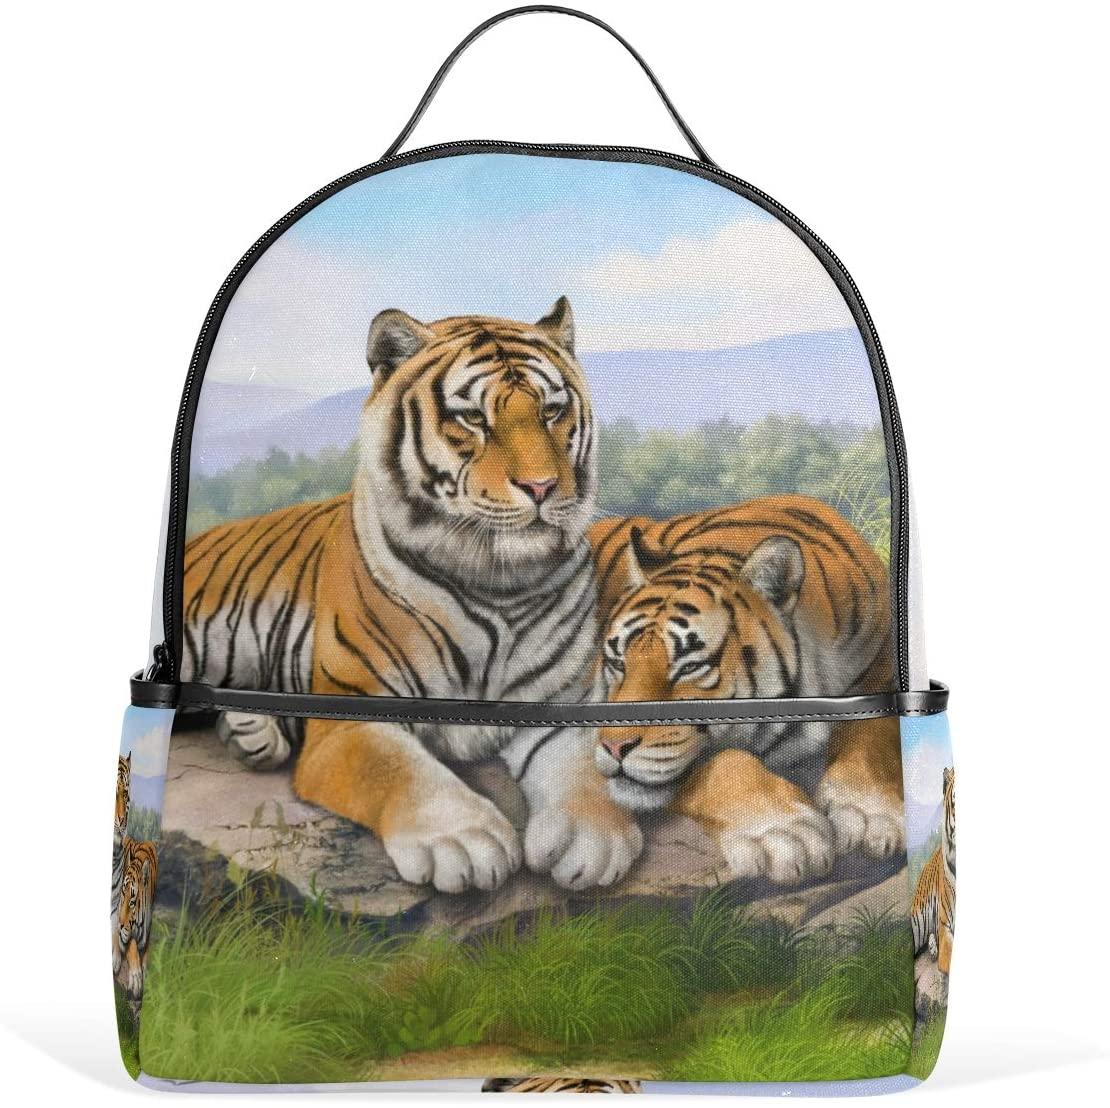 Tiger Landscape Backpack Bookbag Shoulder Bag For Boys Girls Kids Travel Daypacks